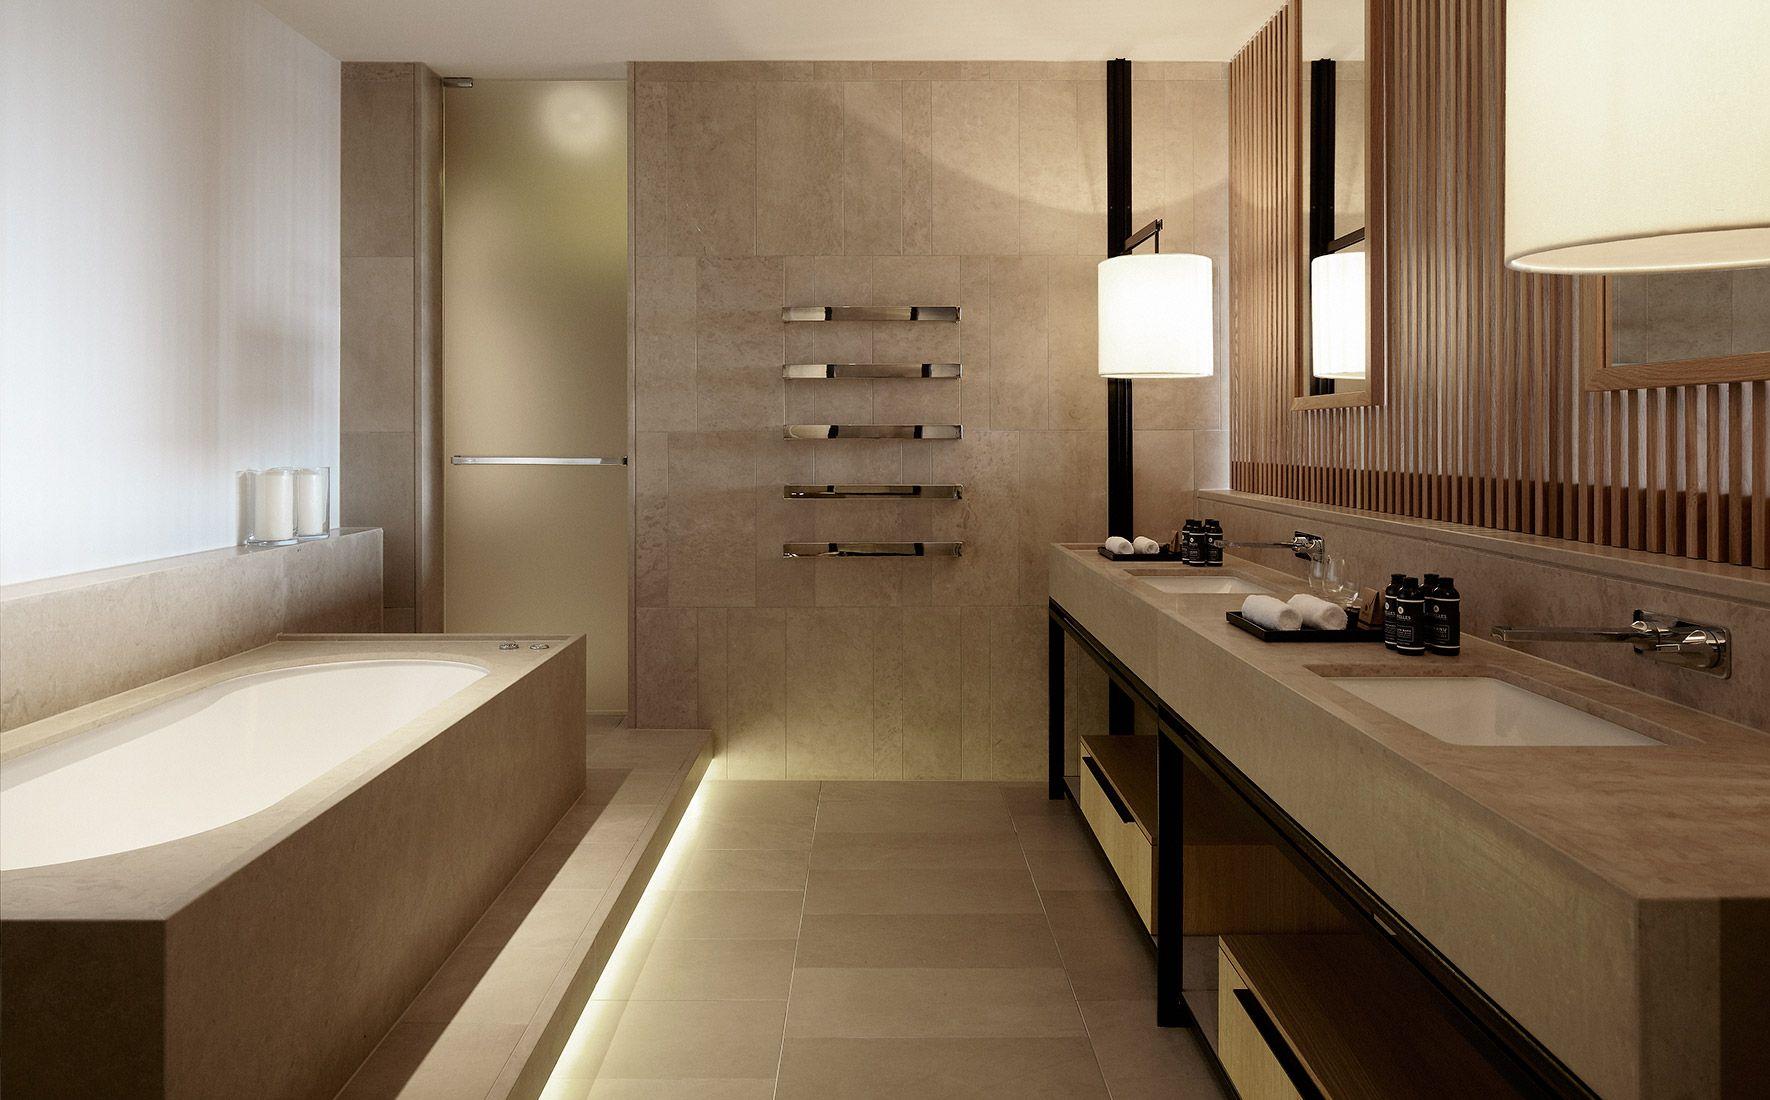 关于装修酒店卫生间的几个设计注意事项